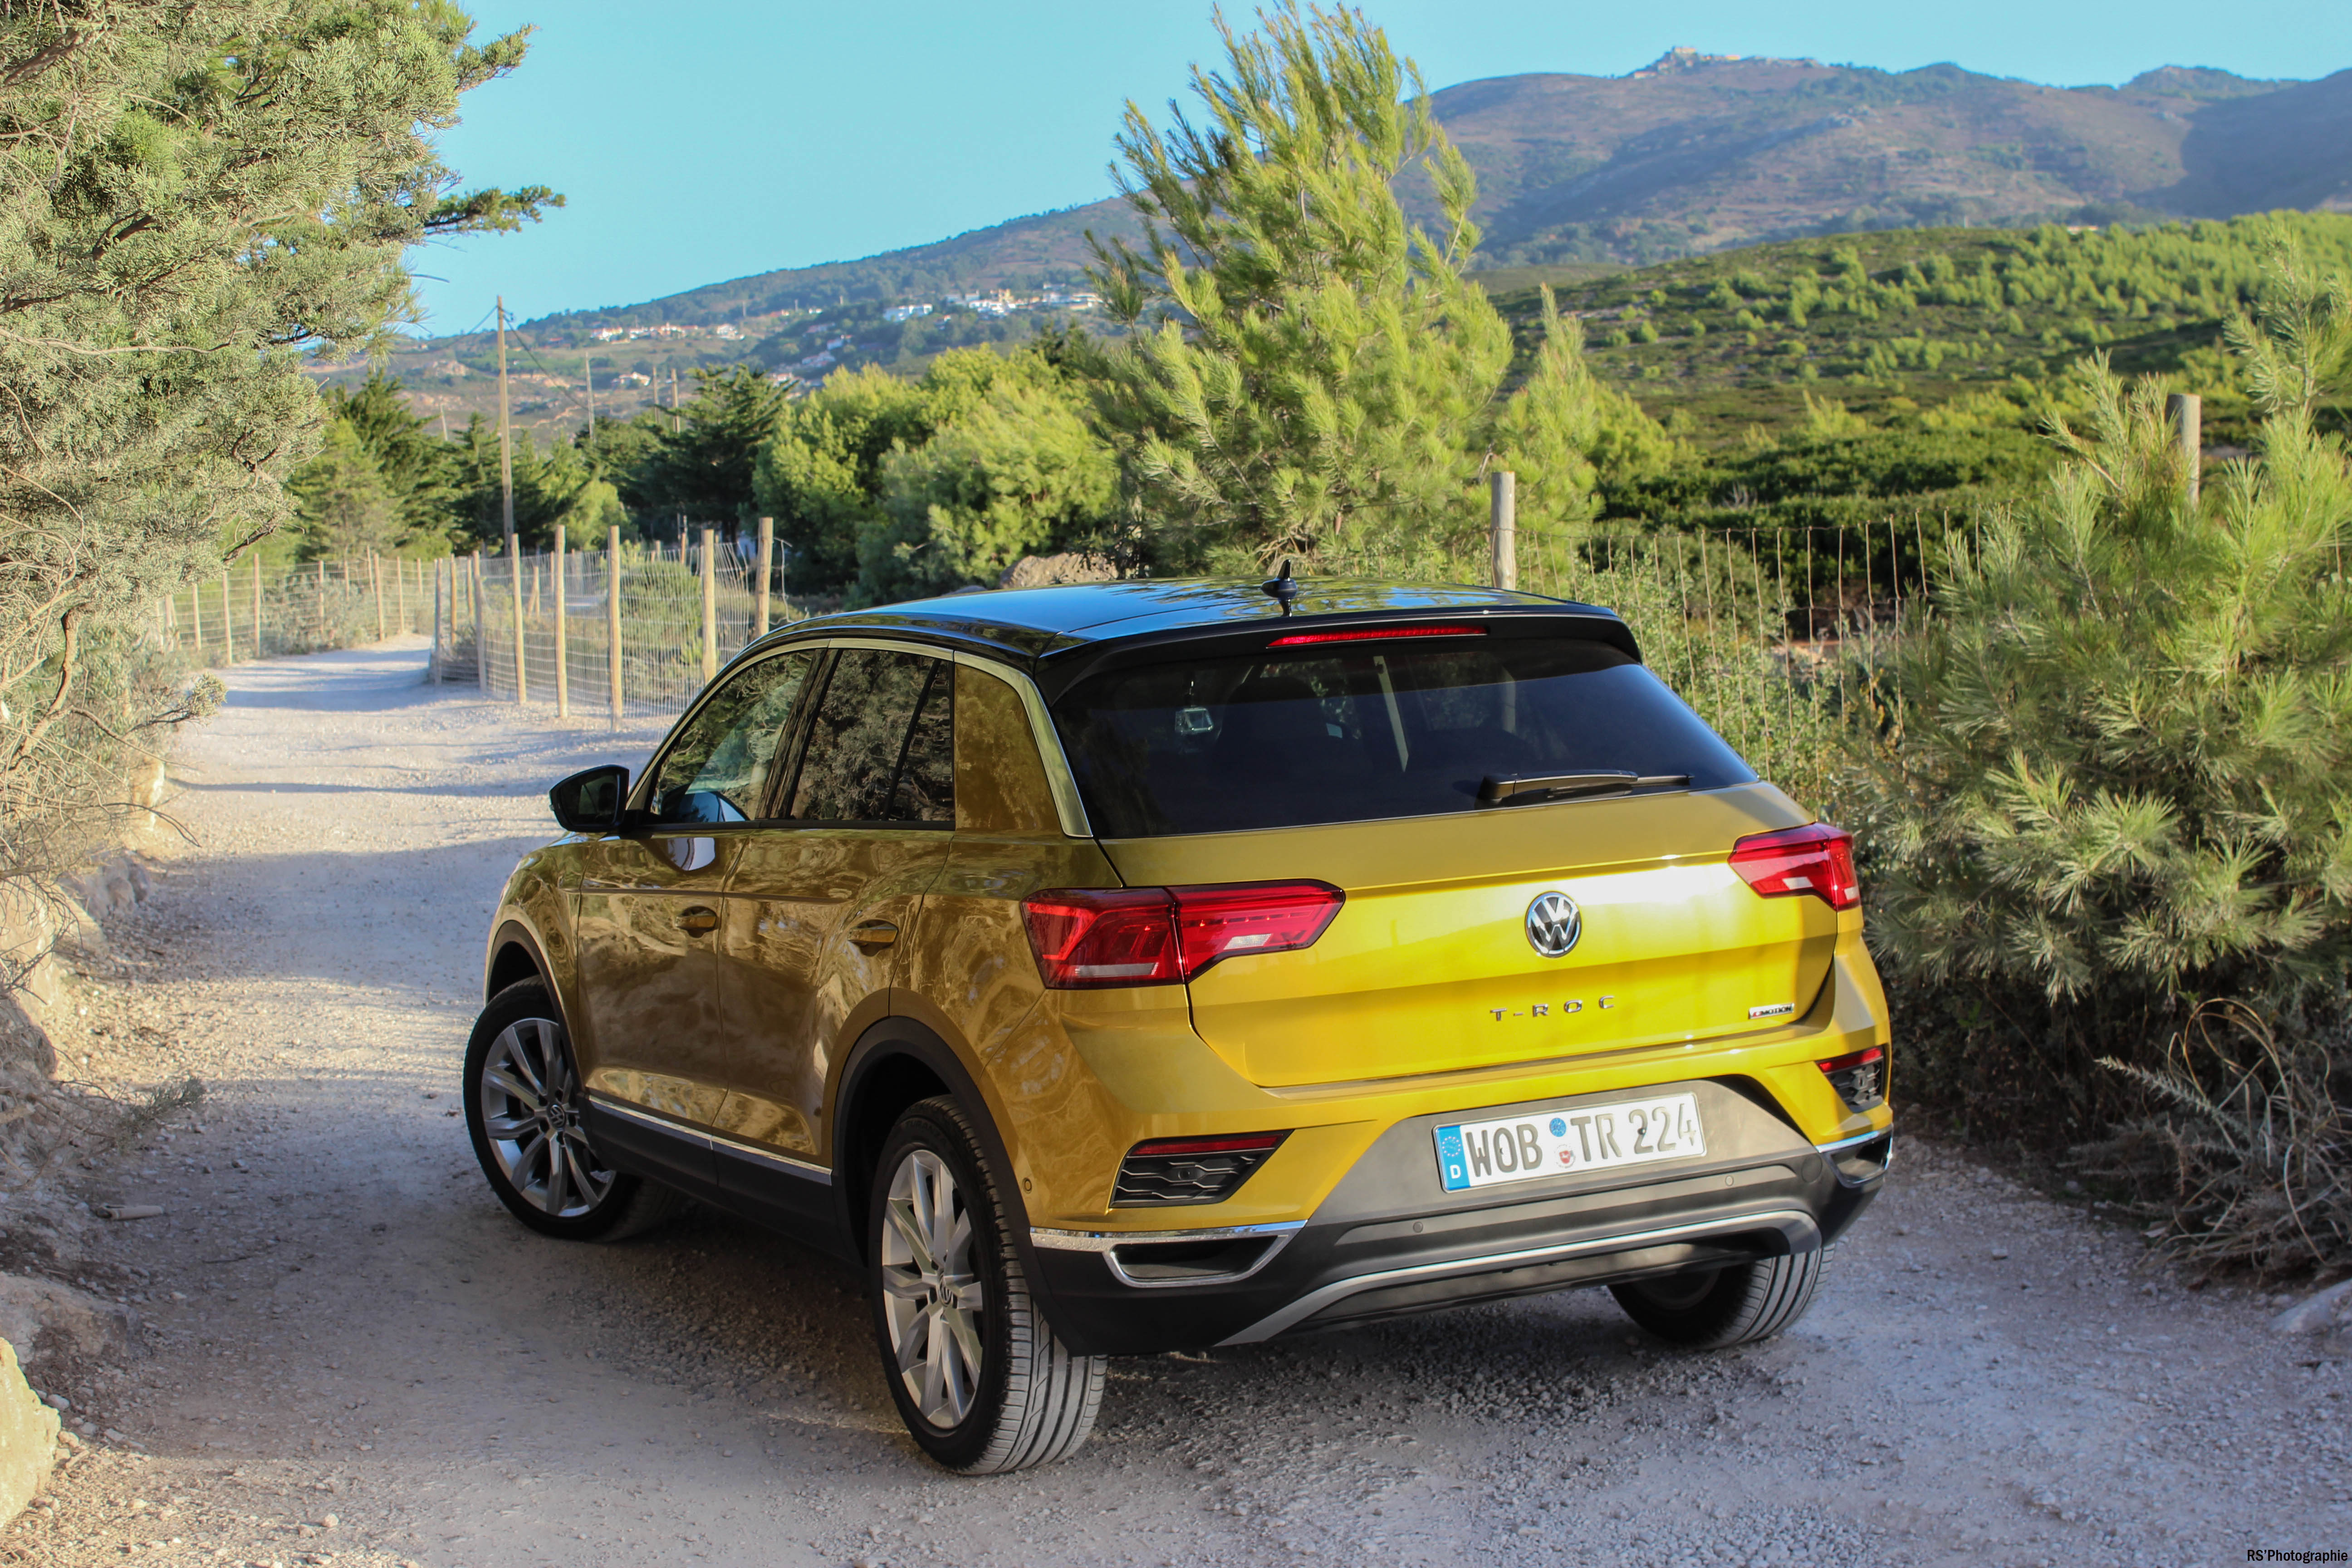 Volkswagentroc88-vw-t-roc-arriere-rear-Arnaud Demasier-RSPhotographie